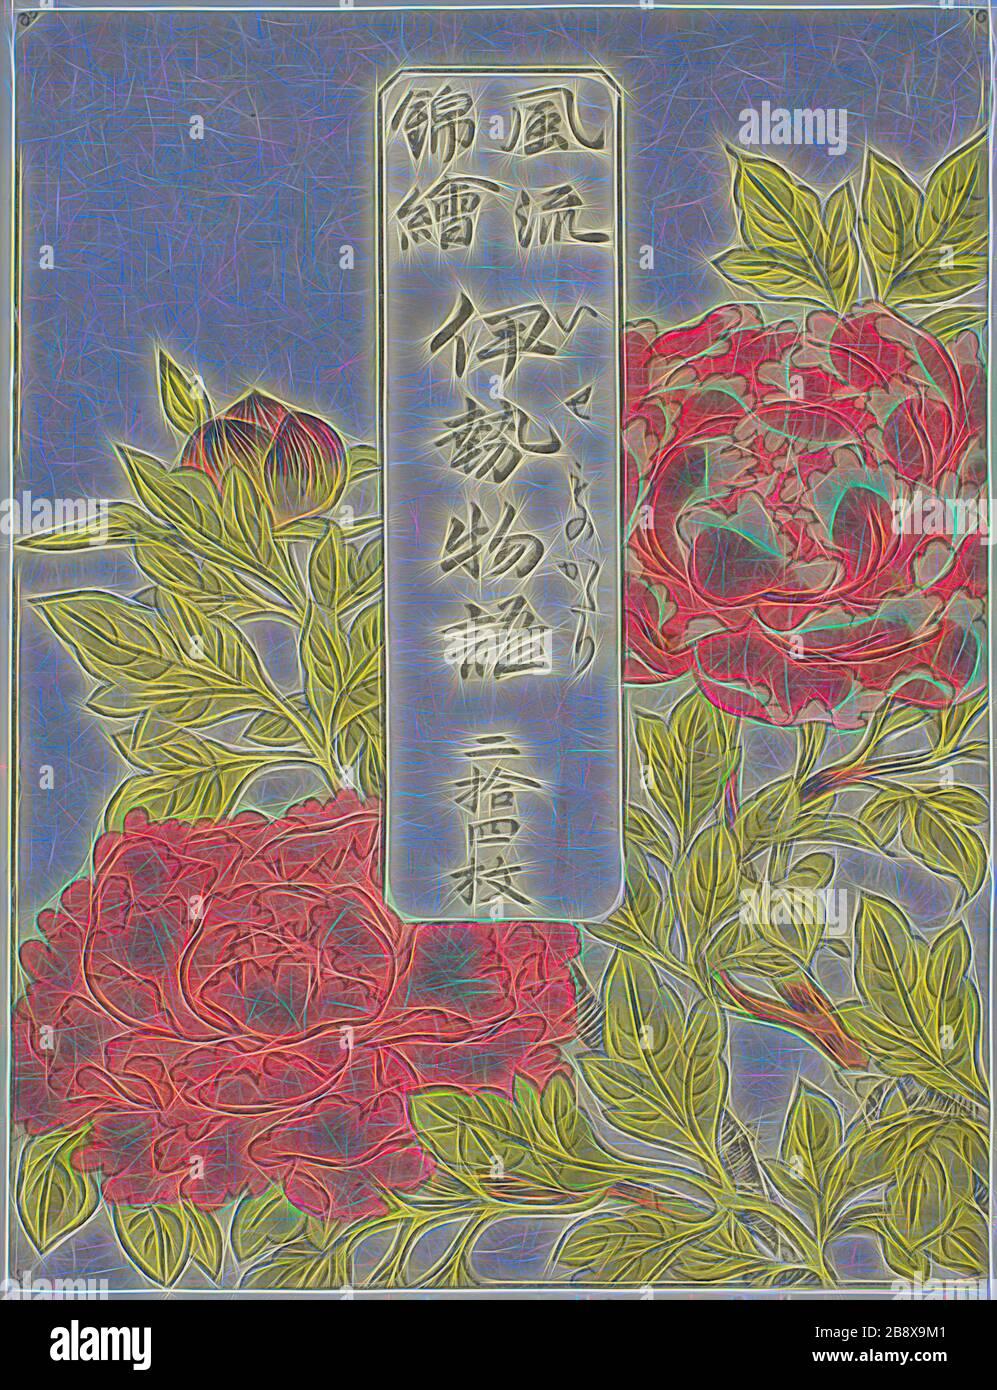 Wrapper stampato a colori per la serie Furyu Nishiki-e ISE Monogatori, c. 1772/73, Katsukawa Shunsho ?? ??, giapponese, 1726-1792, Giappone, stampa a blocchi di legno a colori, totale: 63,5 x 40,8 cm, immagine: 17,5 x 13,5 cm, Reimagined by Gibon, design di luce calda e allegra di luminosità e raggi di luce radianza. Arte classica reinventata con un tocco moderno. La fotografia ispirata al futurismo, che abbraccia l'energia dinamica della tecnologia moderna, del movimento, della velocità e rivoluziona la cultura. Foto Stock